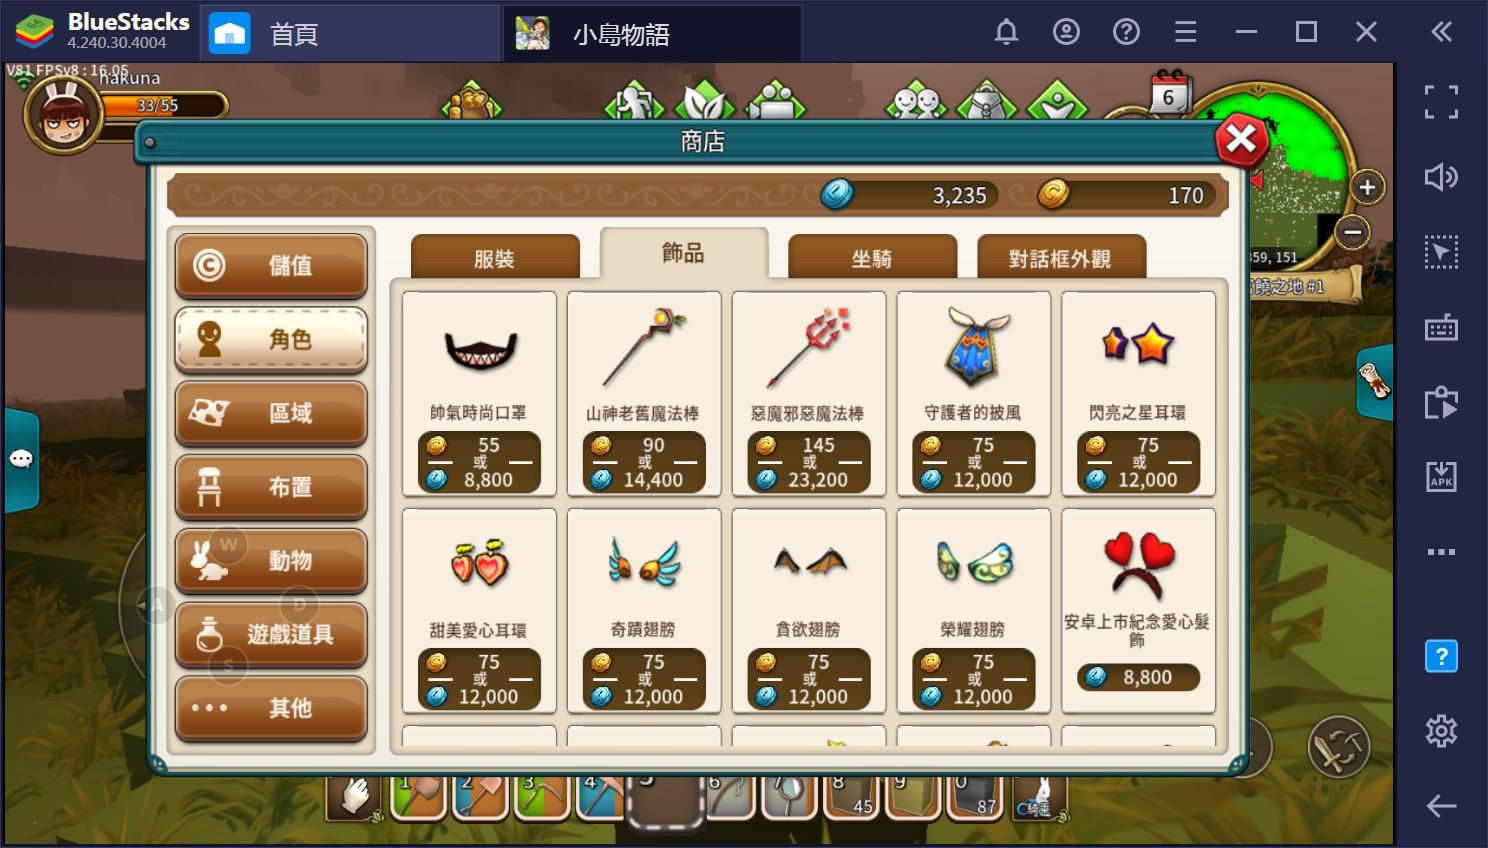 使用BlueStacks在PC上遊玩MMORPG沙盒遊戲《小島物語》